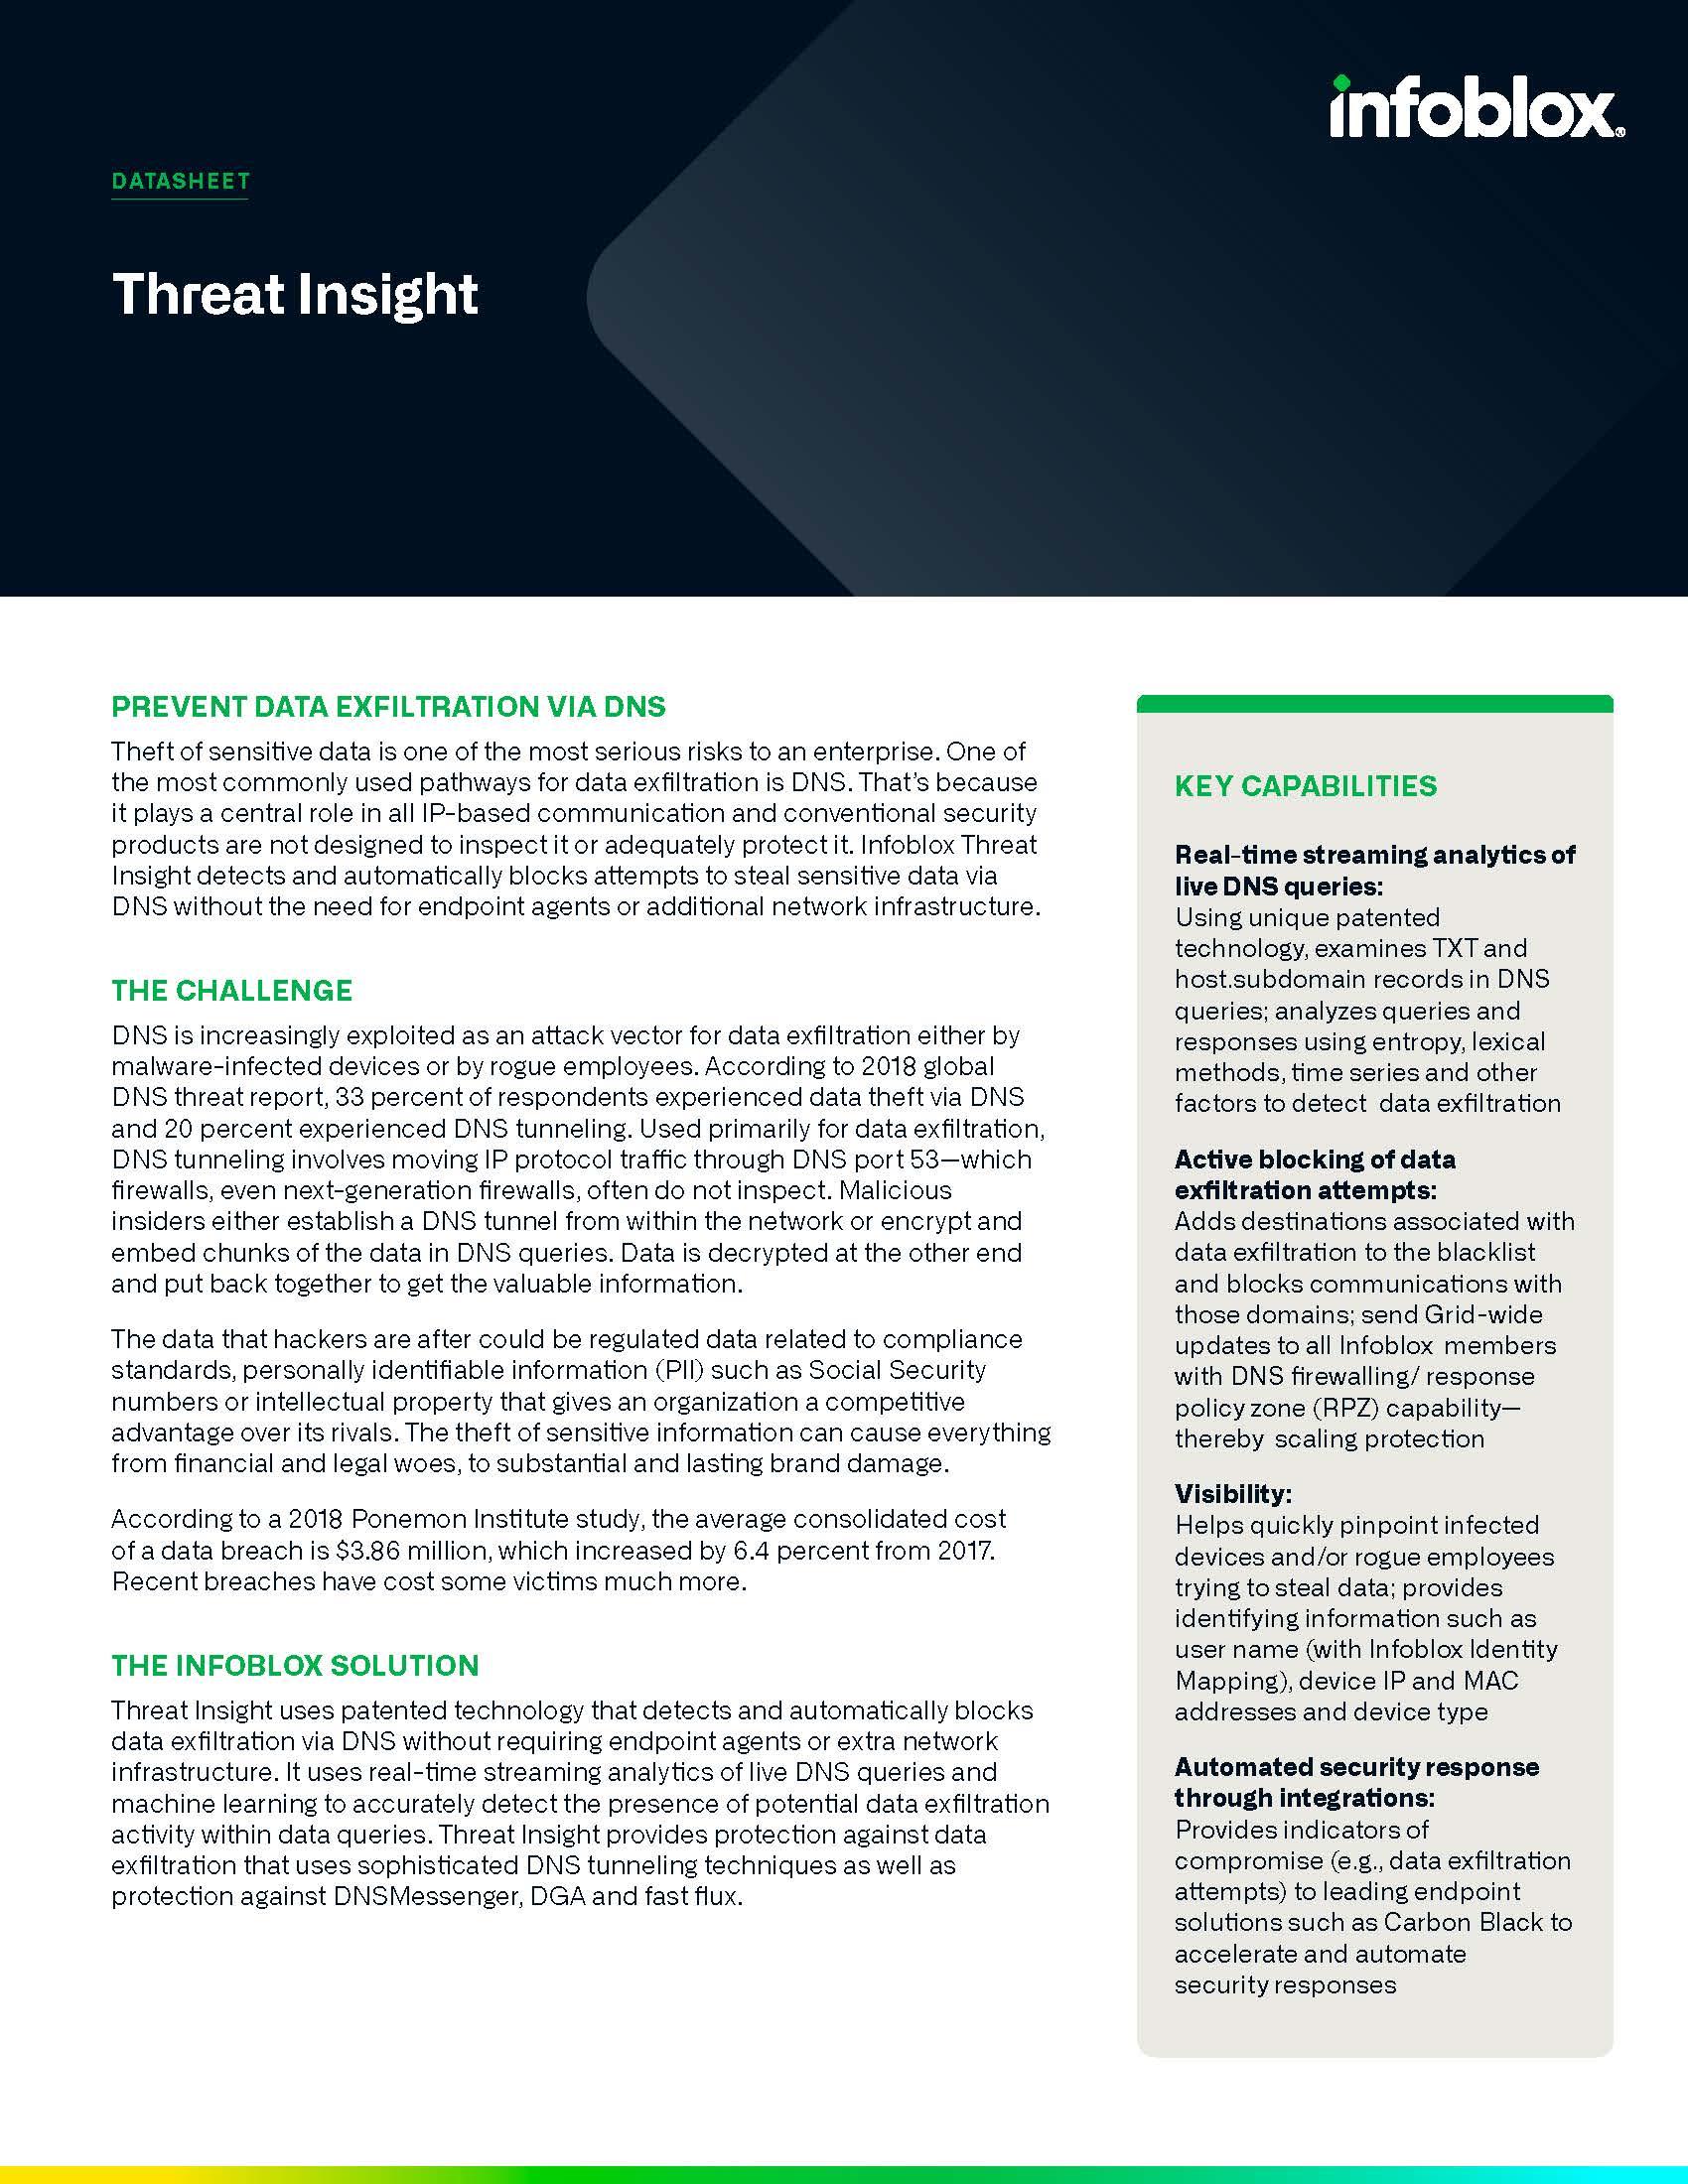 Infoblox Threat Insight